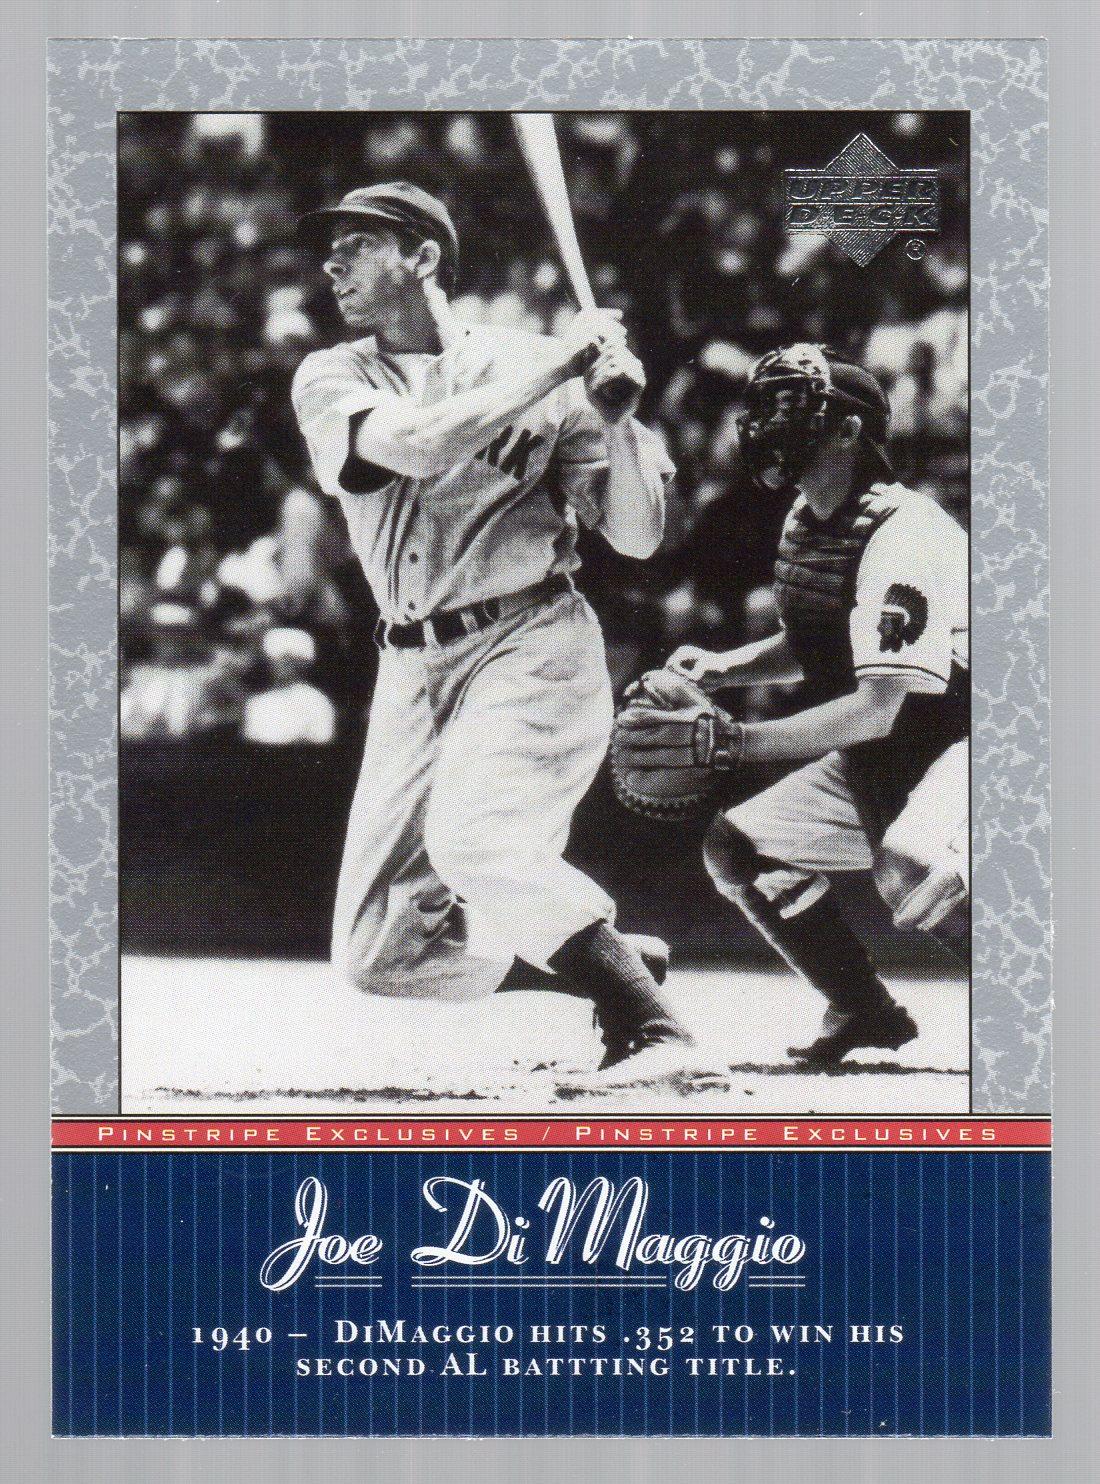 2001 Upper Deck Pinstripe Exclusives DiMaggio #JD18 Joe DiMaggio